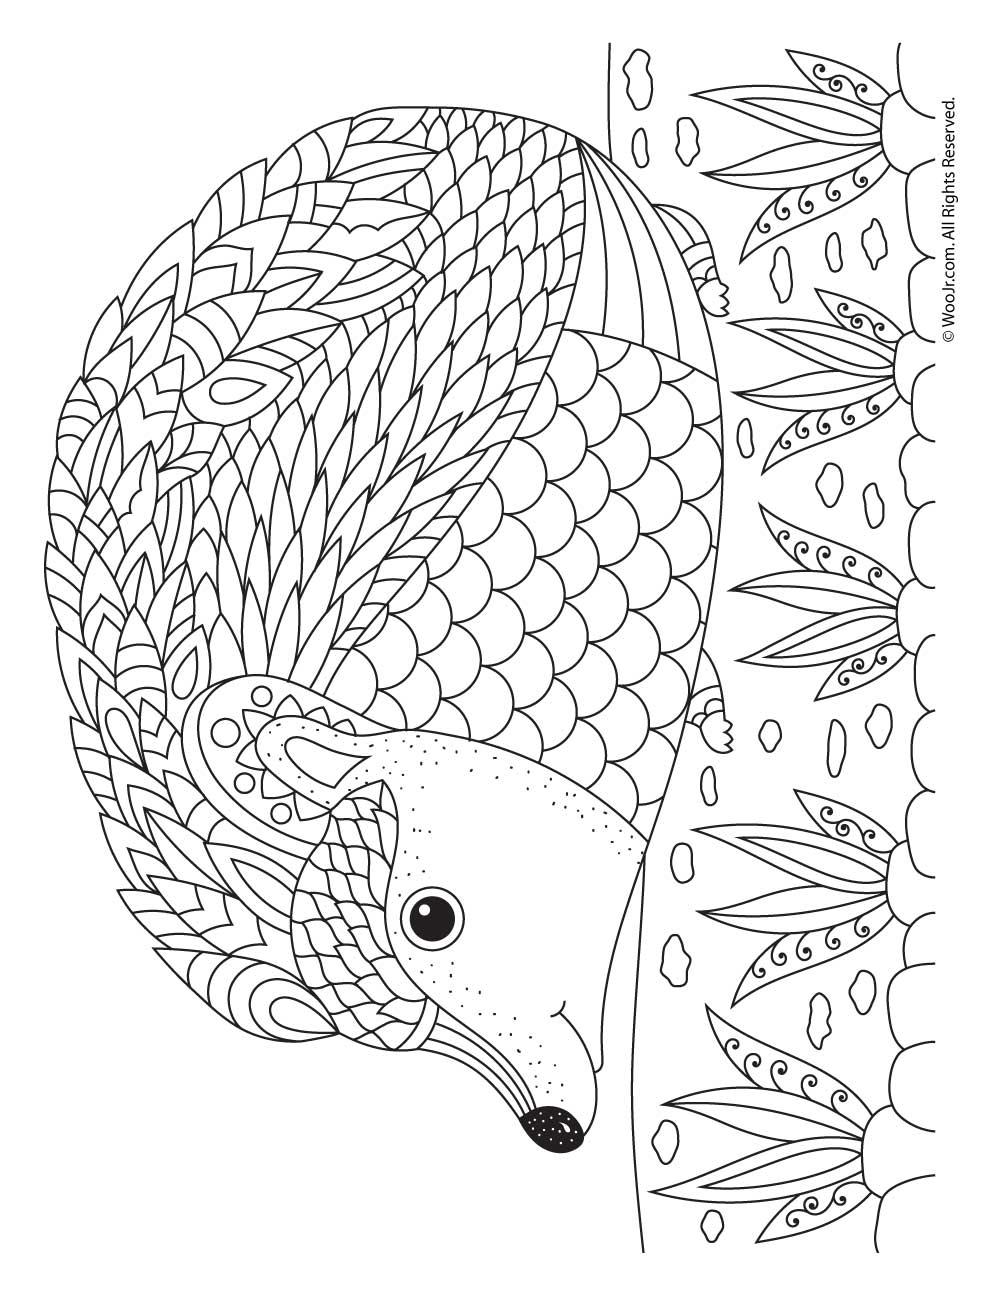 Hedgehog Adult Coloring Page | Woo! Jr. Kids Activities